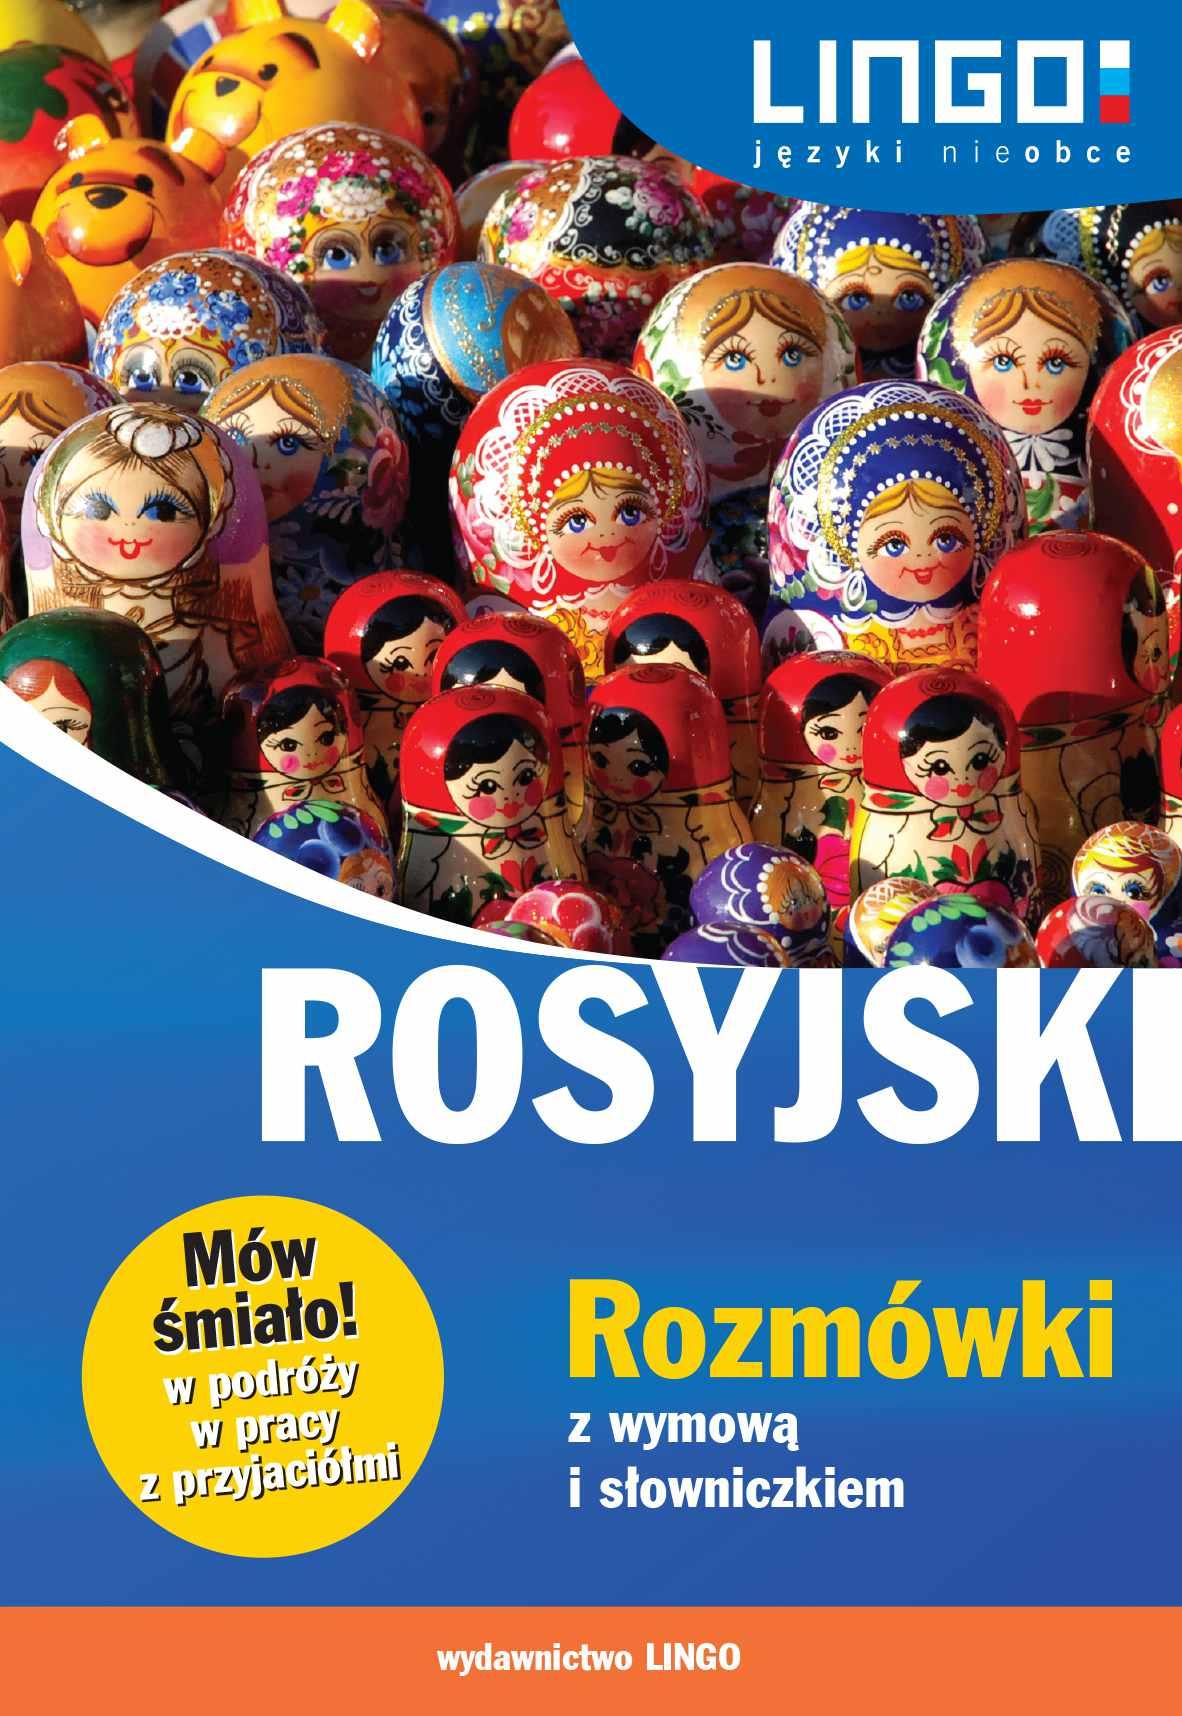 Rosyjski. Rozmówki z wymową i słowniczkiem - Ebook (Książka PDF) do pobrania w formacie PDF